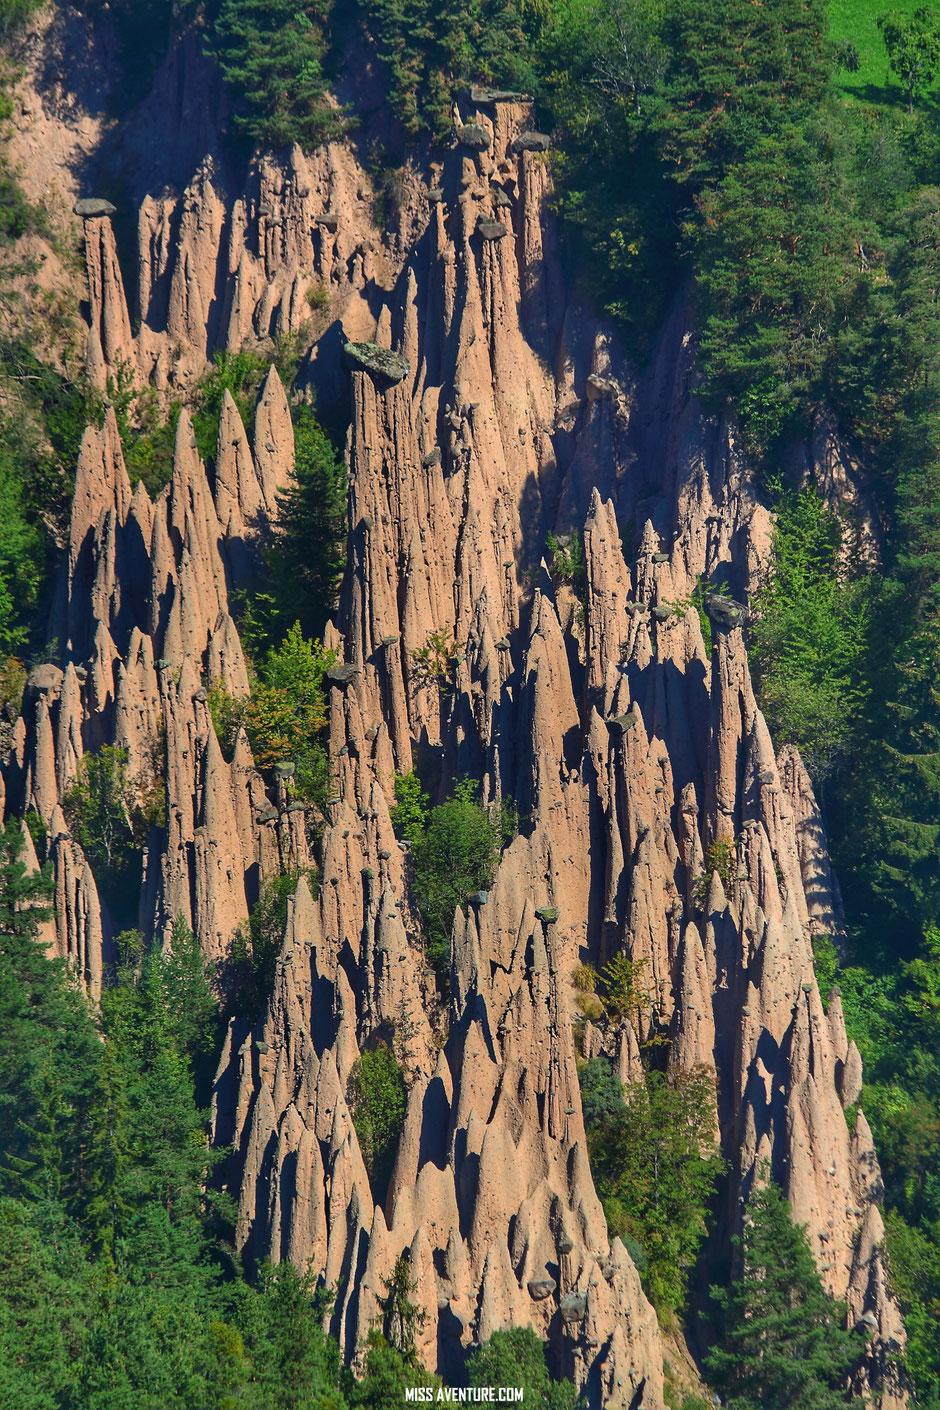 Pyramides de terre de Renon, DOLOMITES (Italie)  road trip dolomites. www.missaventure.com blog voyage d'aventures, nature et photos